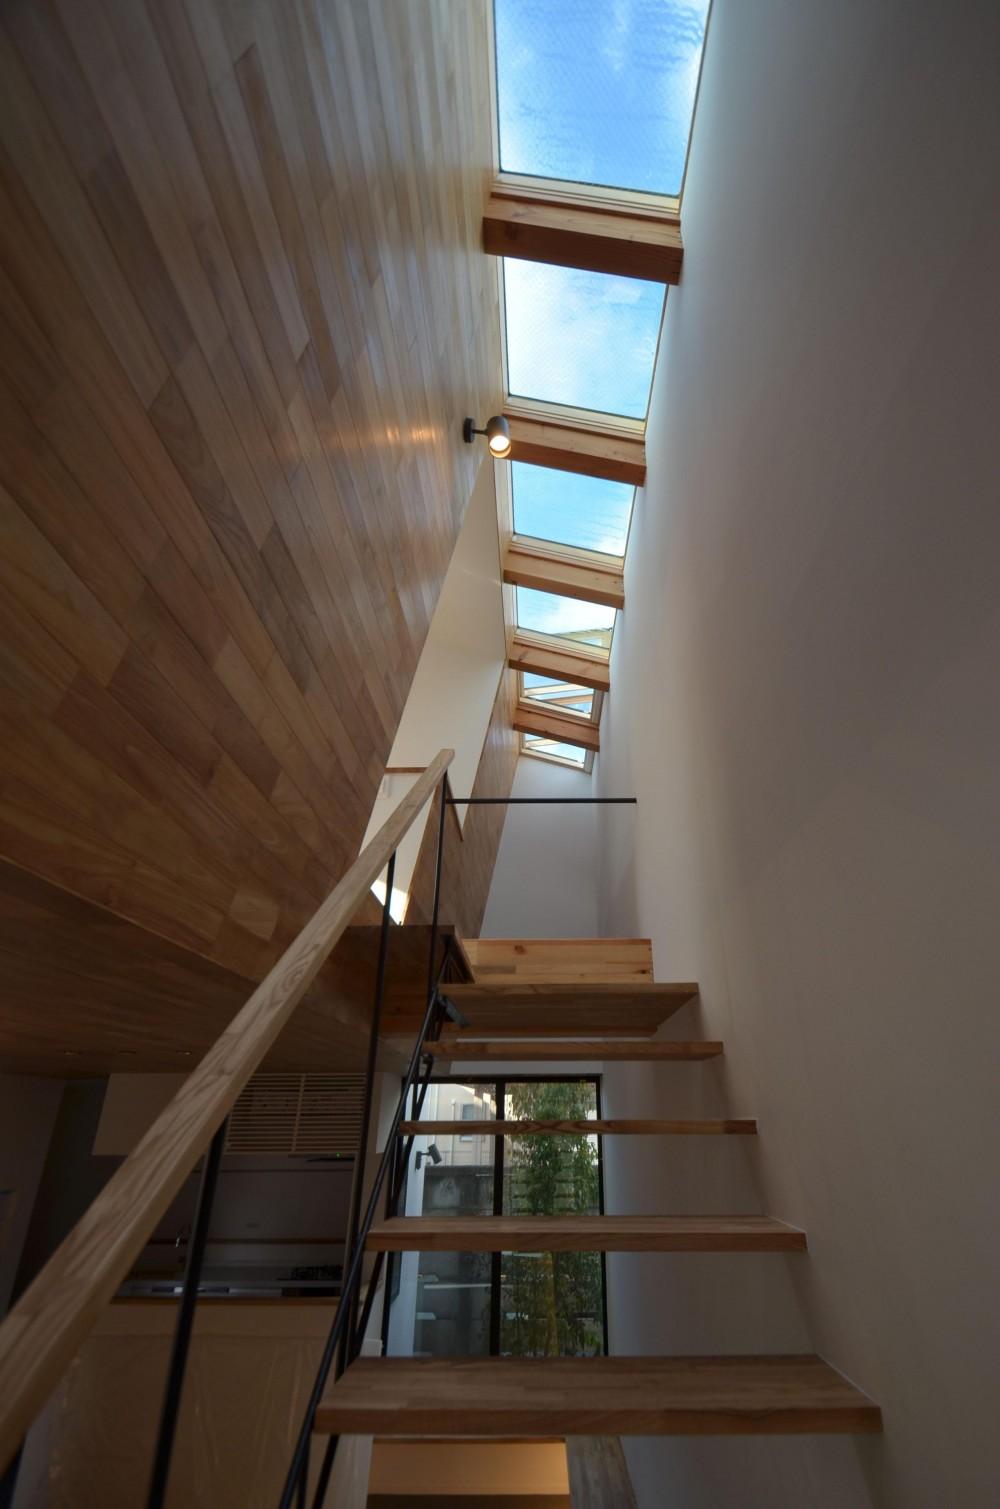 本天沼S邸-領域を明確にし、内外の連続性をつくりだす石壁- (吹抜を上がる階段と天窓)